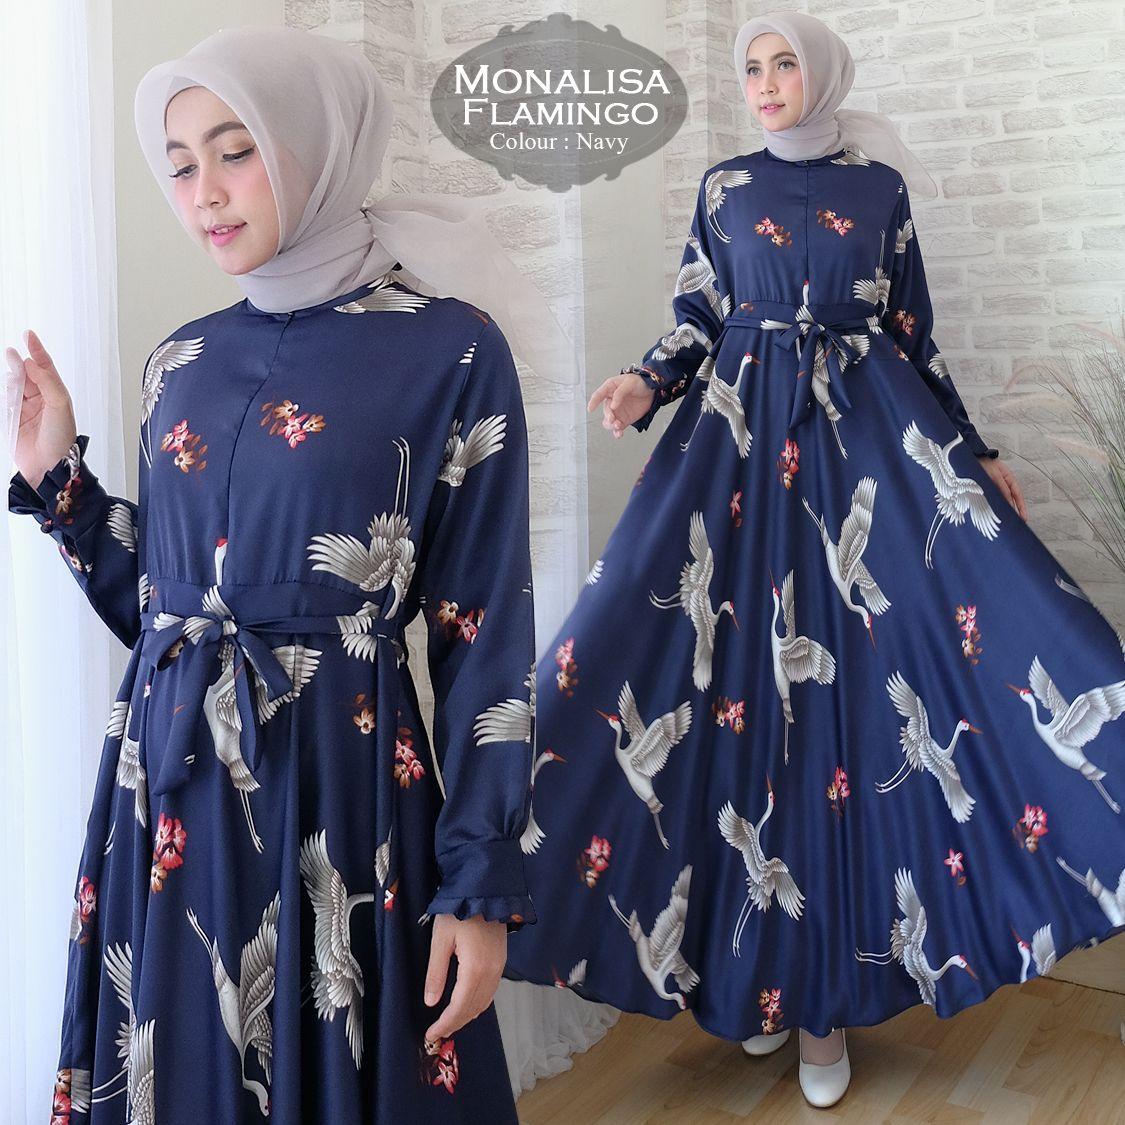 Princess Wardrobe - Maxi Monalisa Angsa / Syari / Hijab / Gamis / Fashion Muslinlm / Busana Muslim